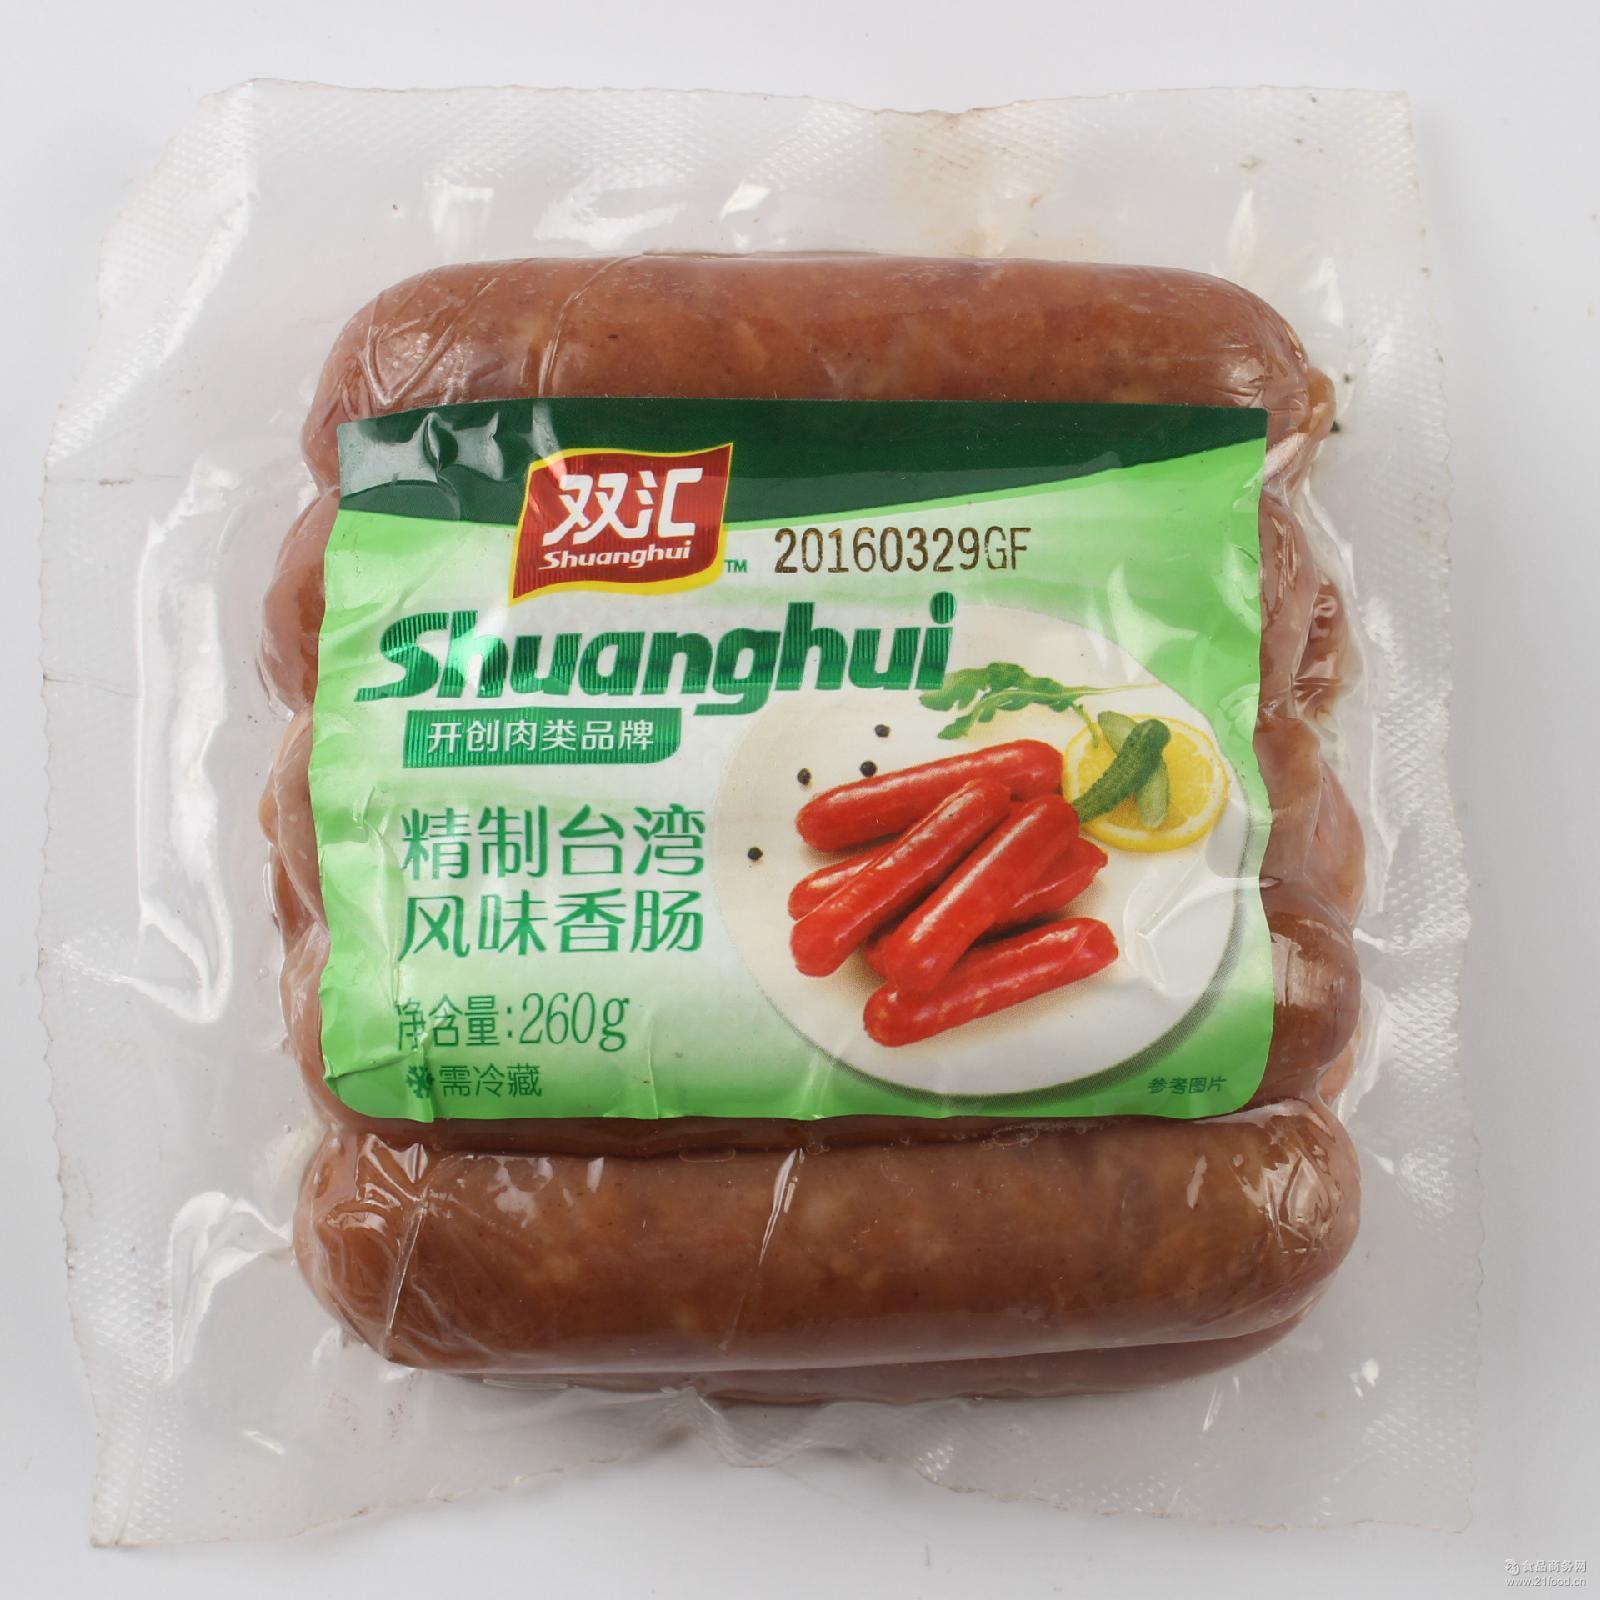 双汇精制台湾风味香肠300g批发双汇台湾风味烤香肠